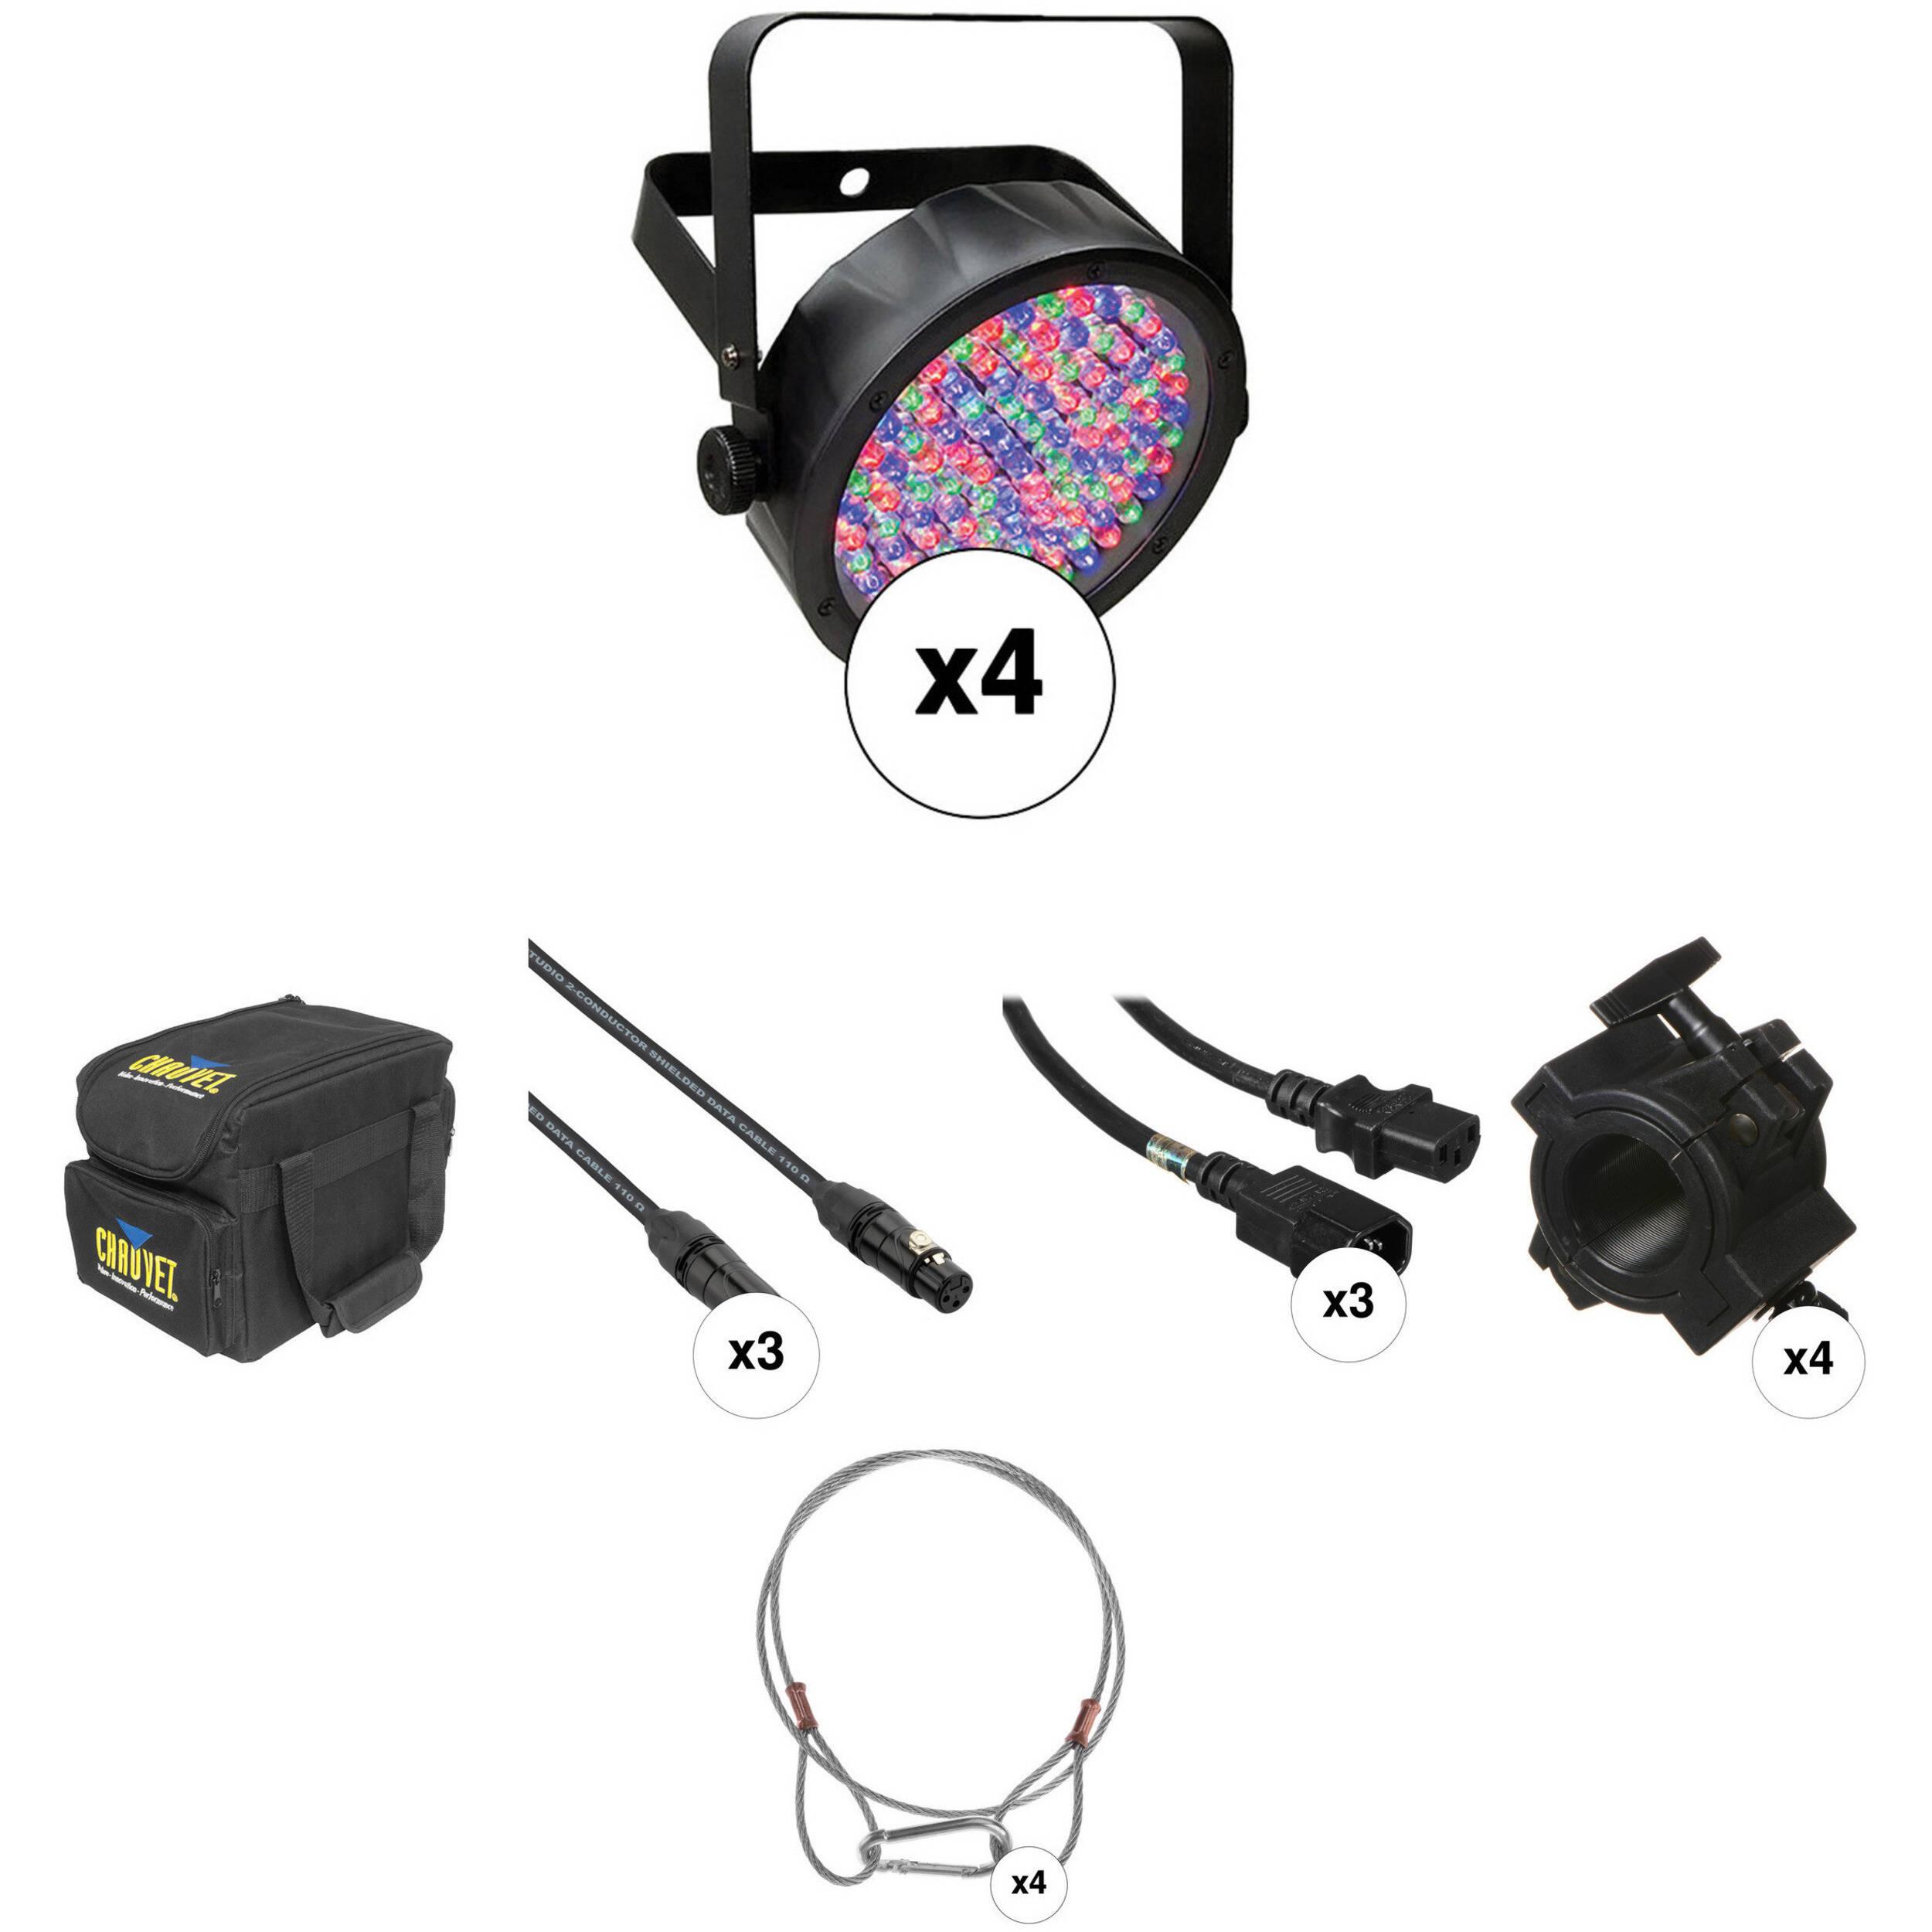 chauvet dj slimpar 56 complete kit 4 pack b h photo video. Black Bedroom Furniture Sets. Home Design Ideas